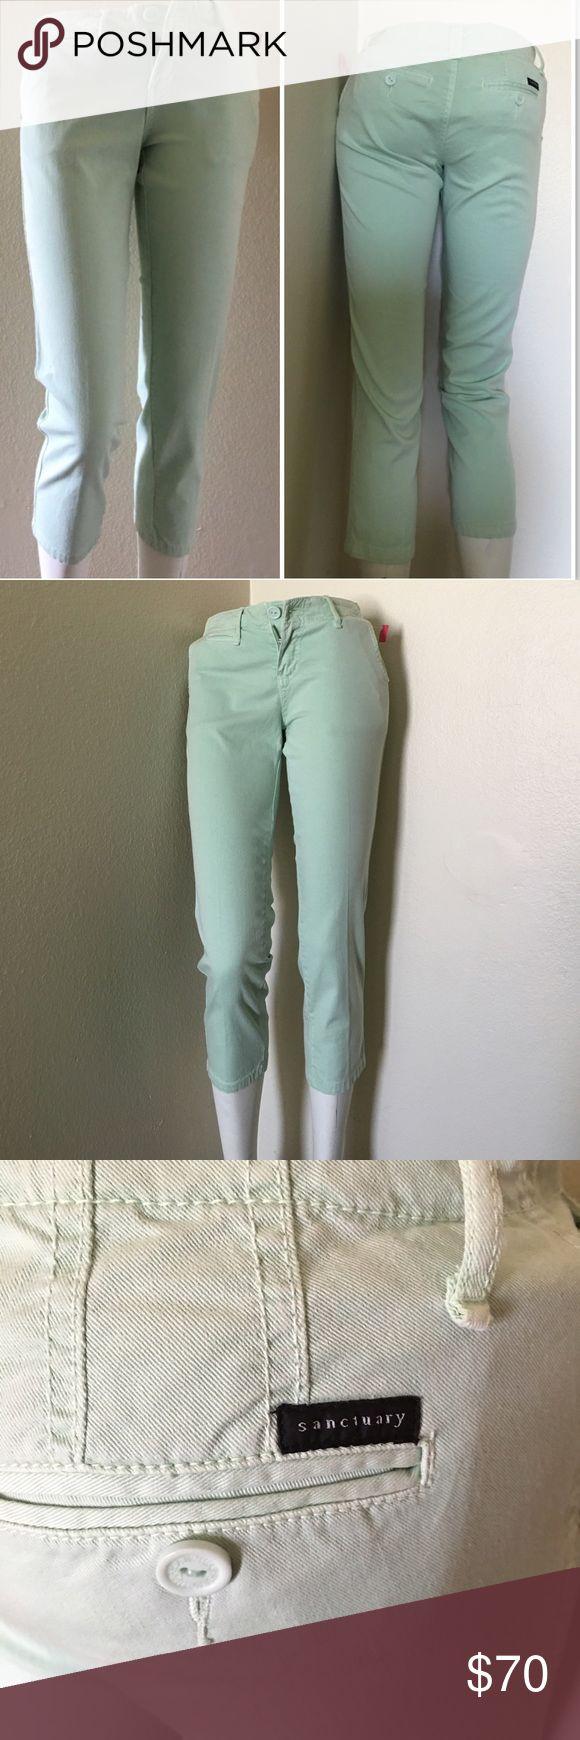 """Sanctuary Clothing Mint Capri Size 24J NWT. Mint color. 98% cotton, 2% spandex. Approx. measurements: Waist measured across 14.5""""; Rise 8""""; Inseam 24""""; Length 32"""". Size 24. Sanctuary Pants Capris"""